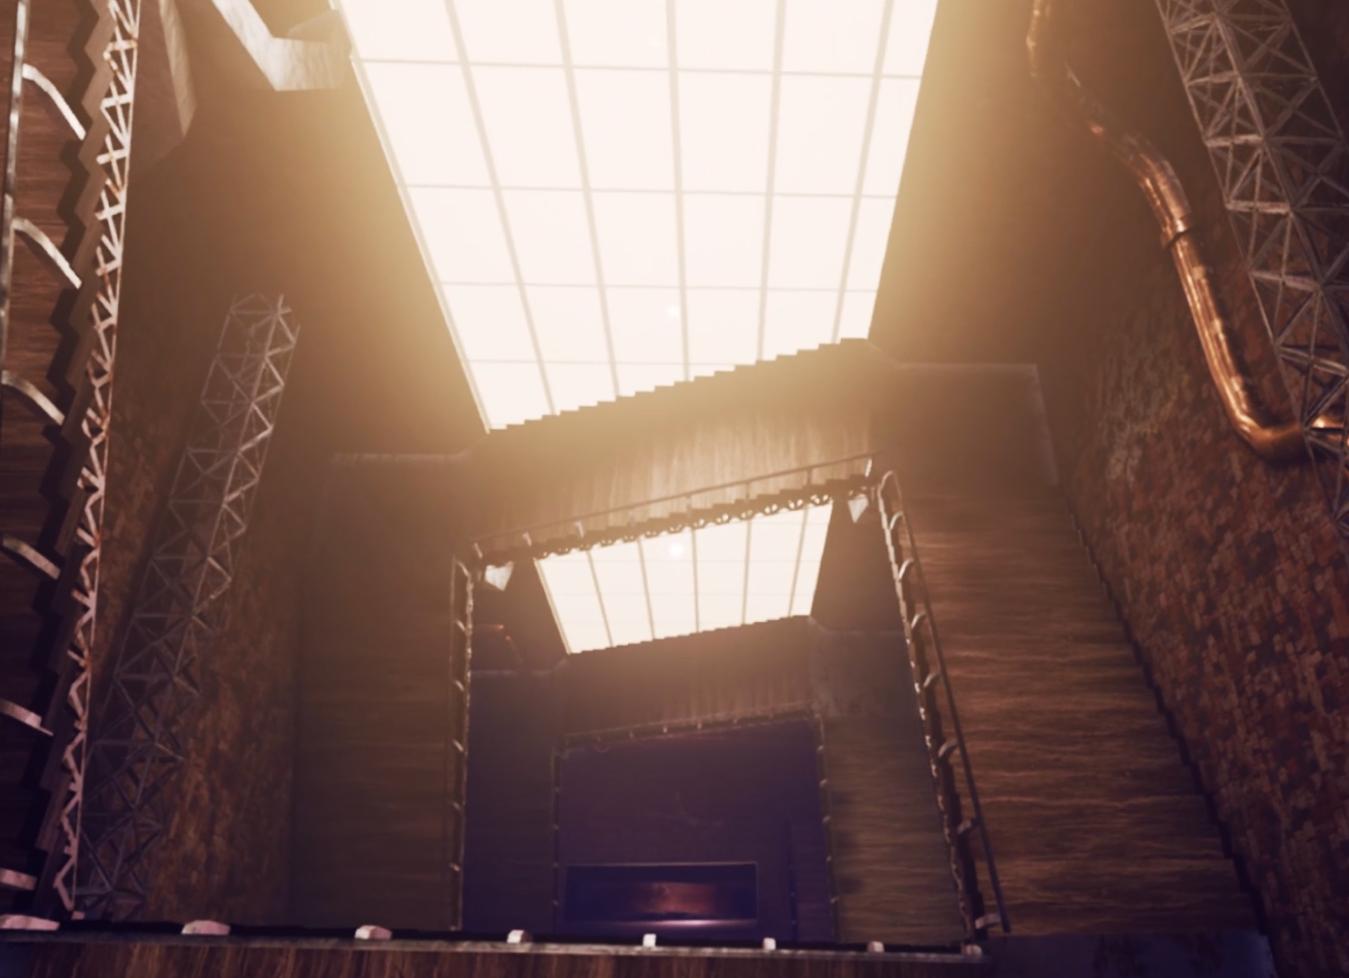 Staircaase Still